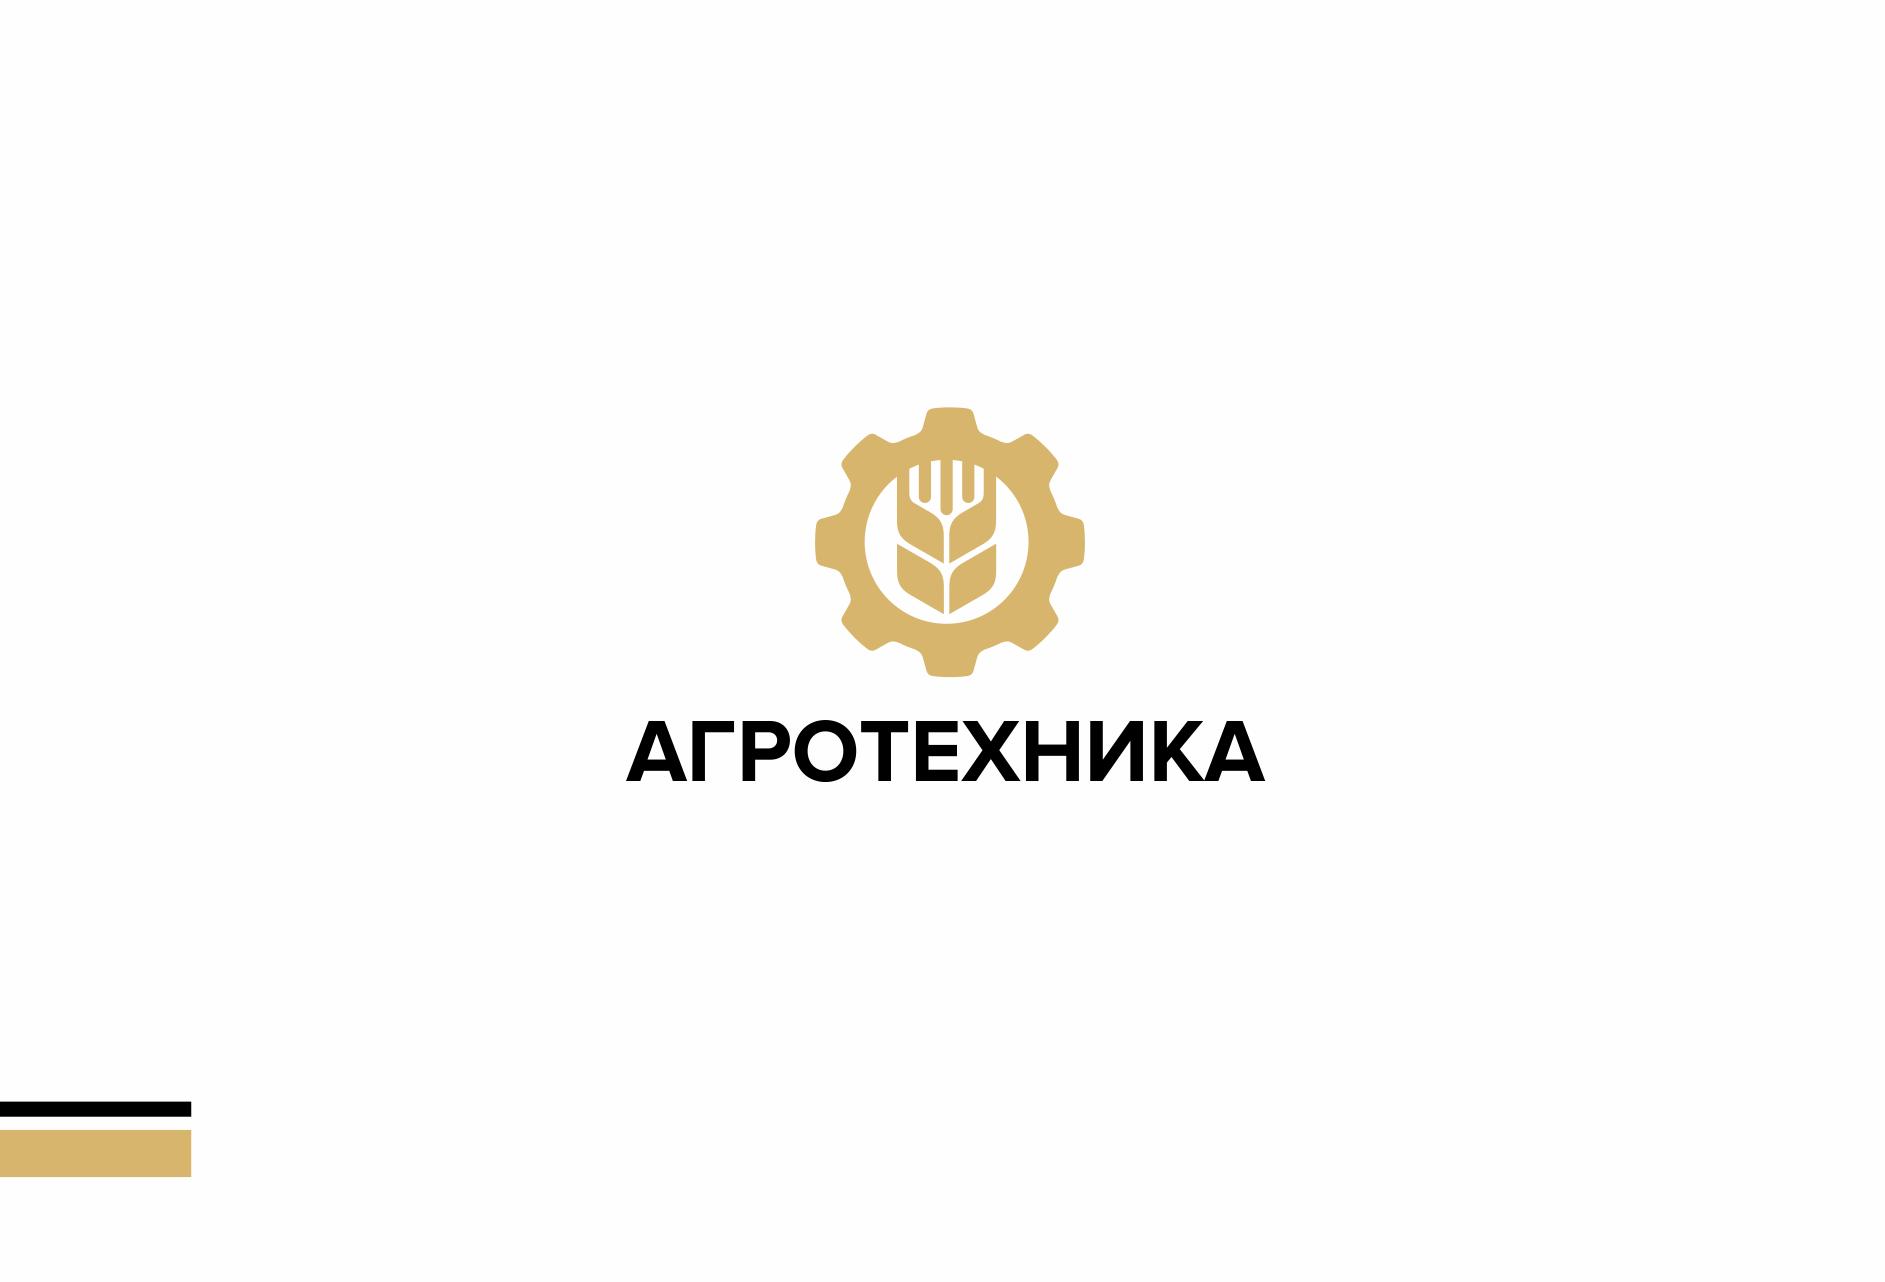 Разработка логотипа для компании Агротехника фото f_2825c04e7b9c3728.png